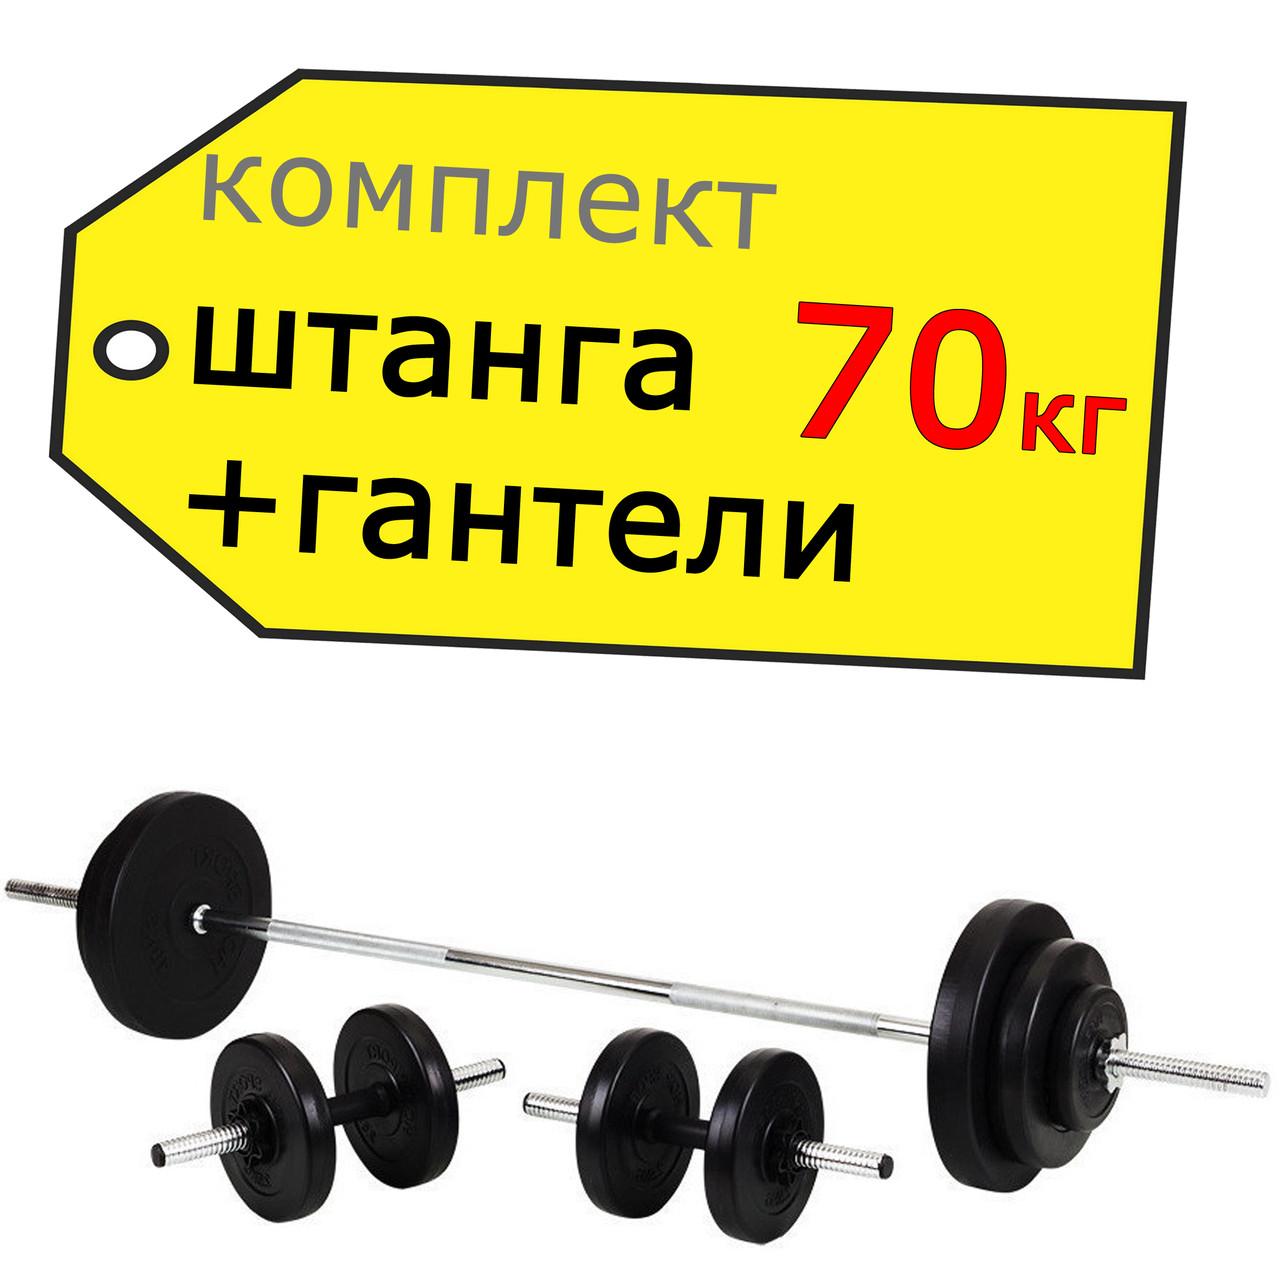 Штанга 70 кг прямая фиксированная + Гантели 2*21 кг разборные (комплект пряма штанга + гантелі розбірні)